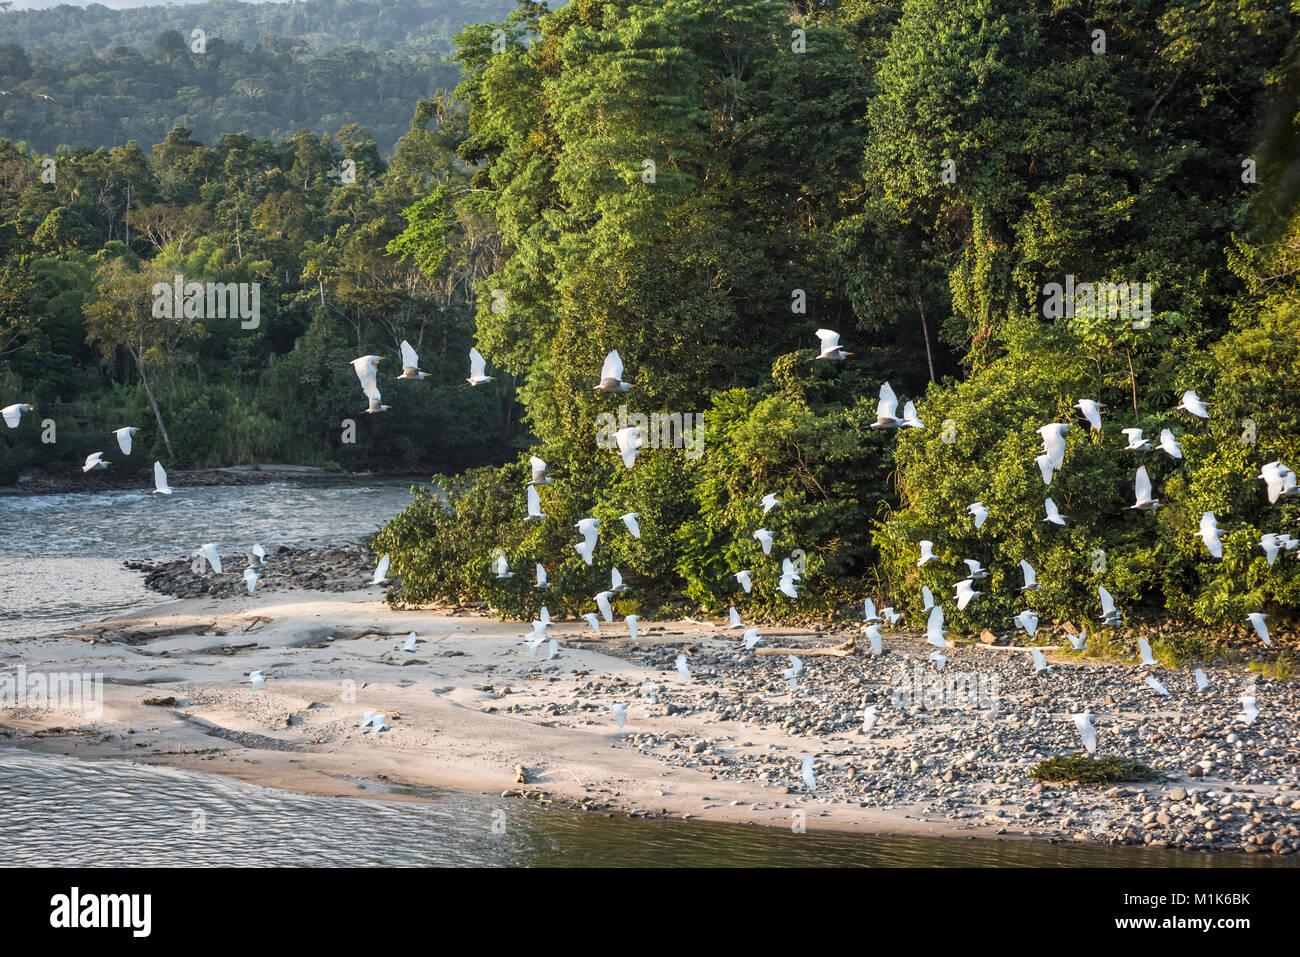 La foresta pluviale amazzonica. Fiume Misahualli. Provincia di Napo, Ecuador Immagini Stock